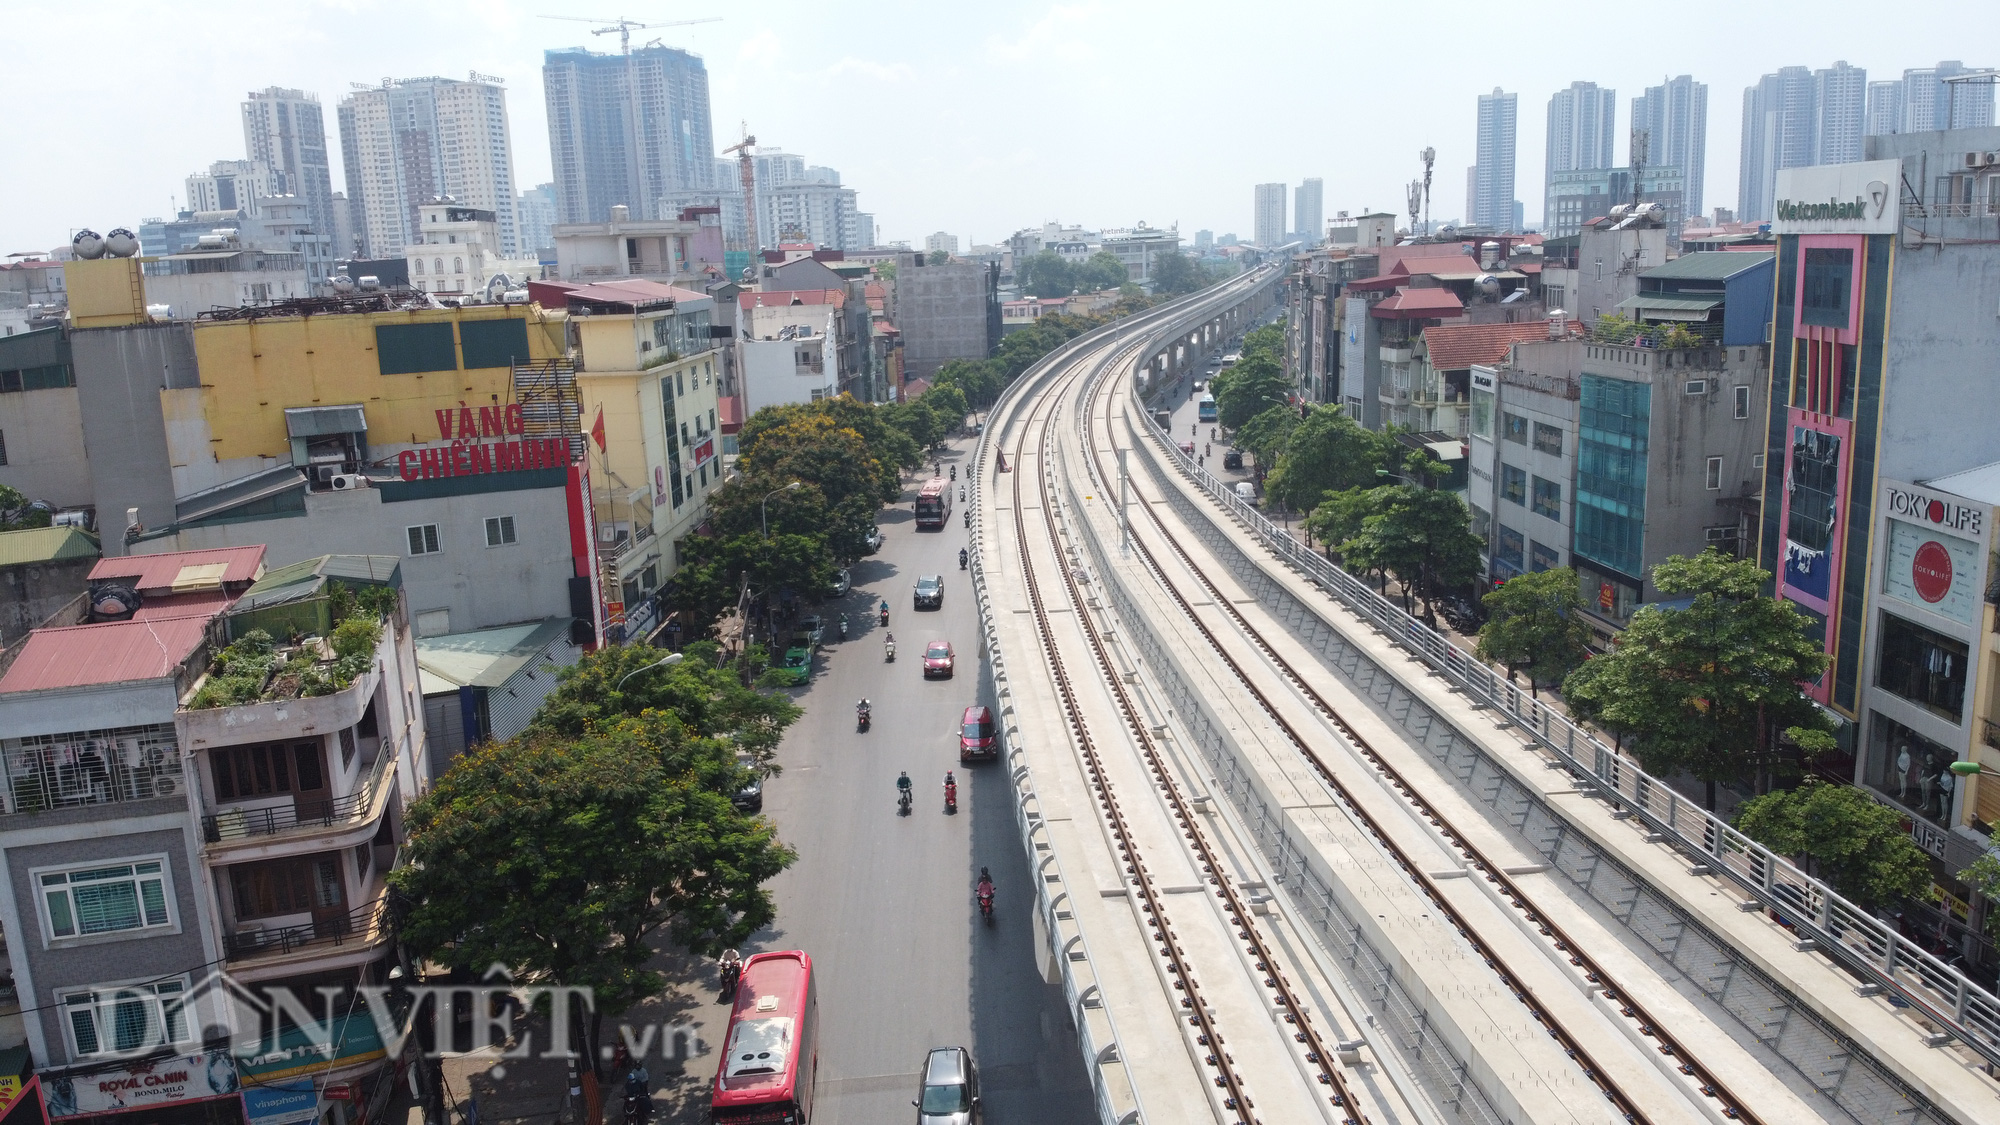 Toàn cảnh tuyến đường sắt trên cao bị đòi bồi thuờng hàng trăm tỷ đồng - Ảnh 3.